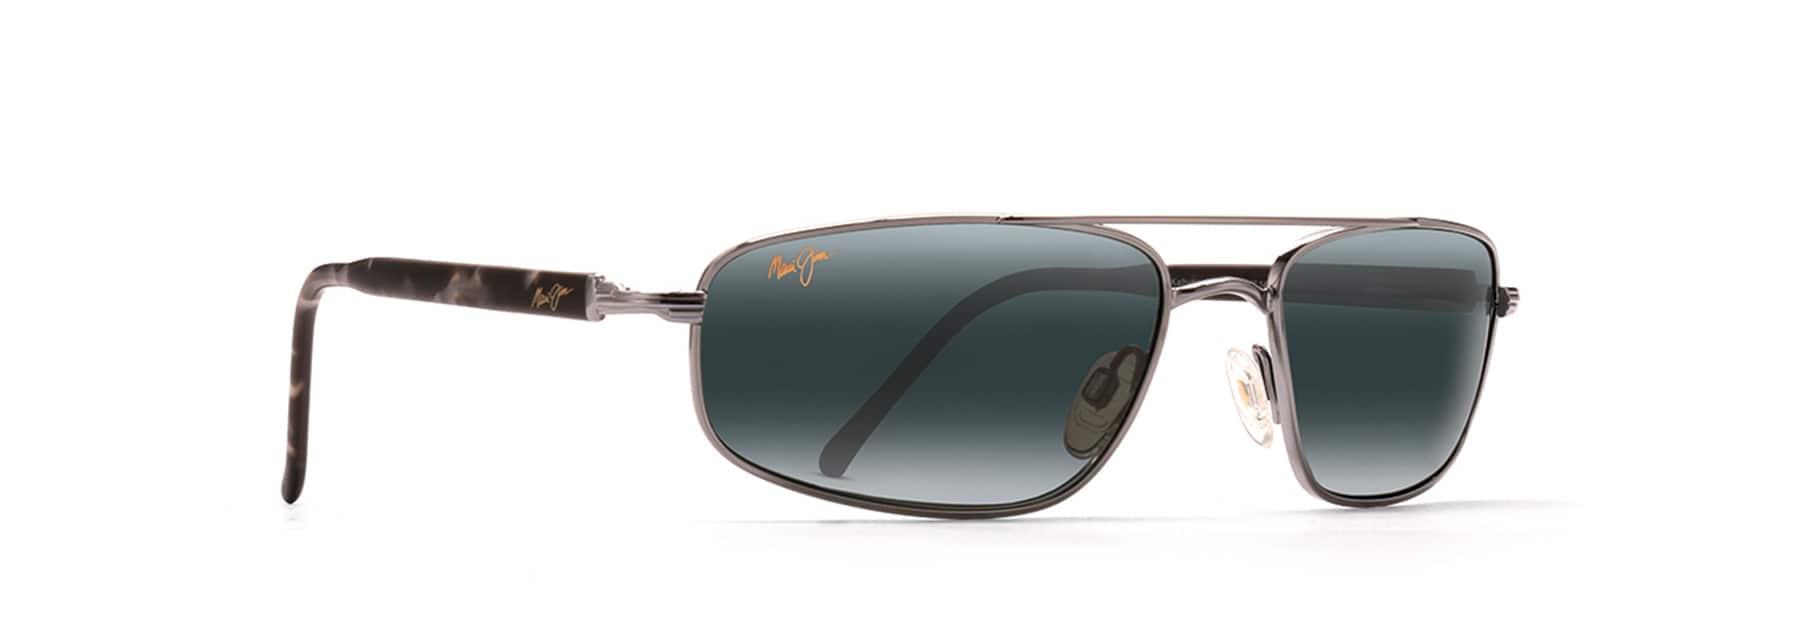 Polarized Jim® Kahuna Kahuna SunglassesMaui SunglassesMaui Polarized wPXOkn8N0